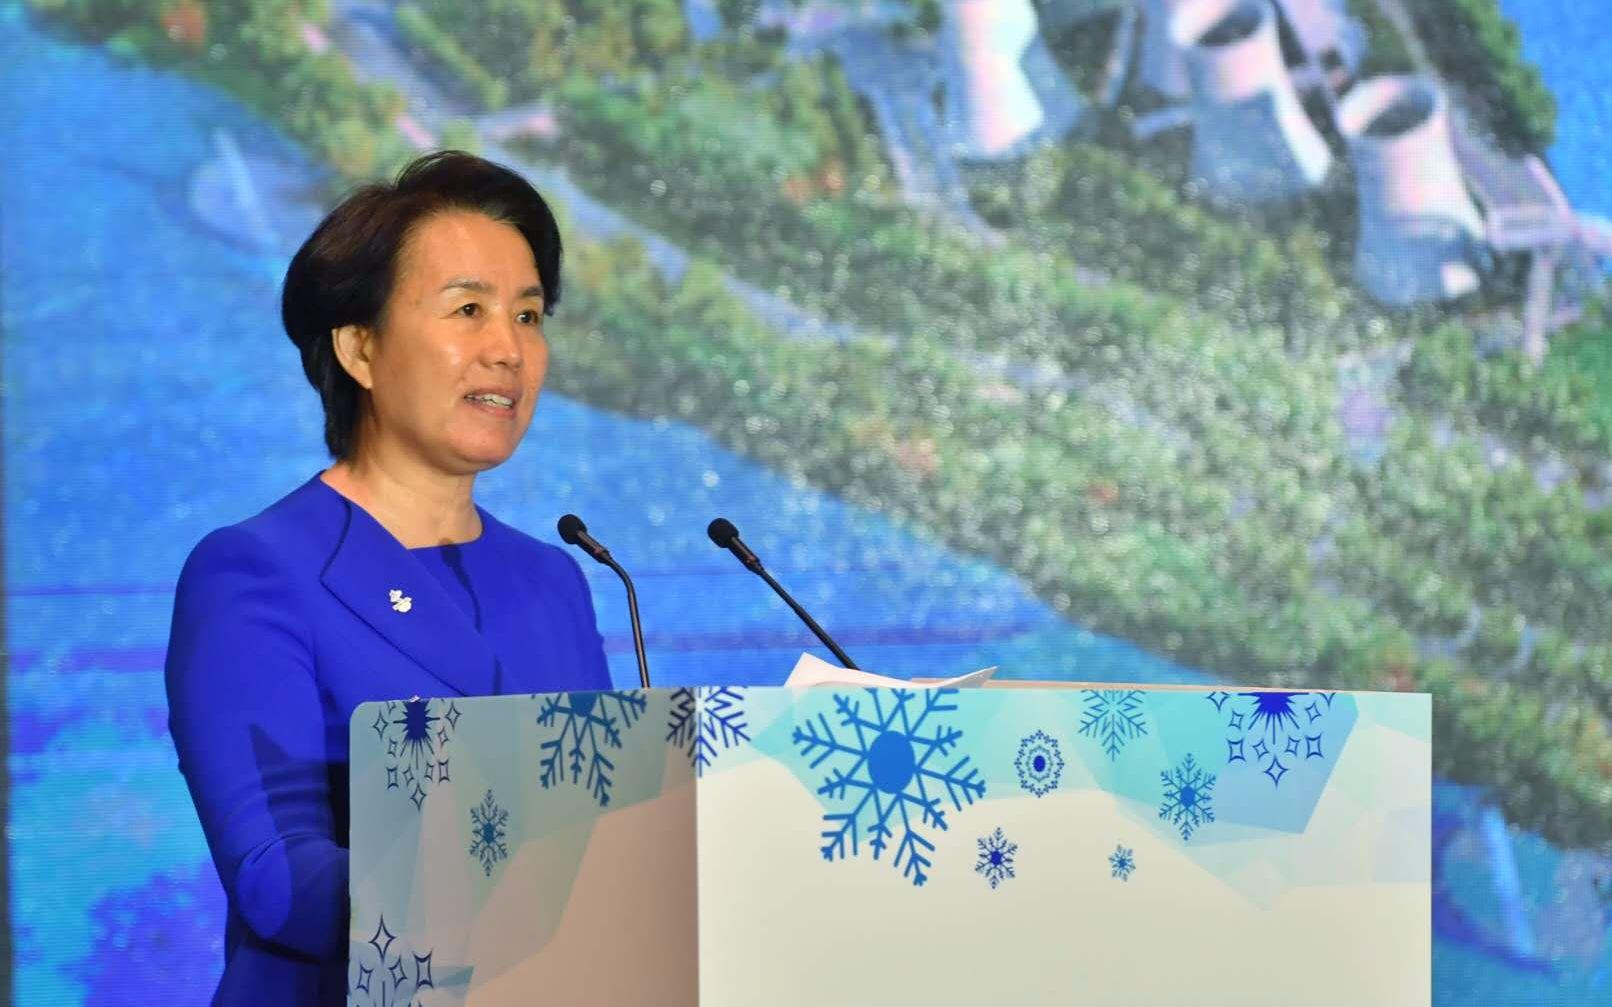 双奥城市北京:把奥运遗产传承经验分享给全世界图片